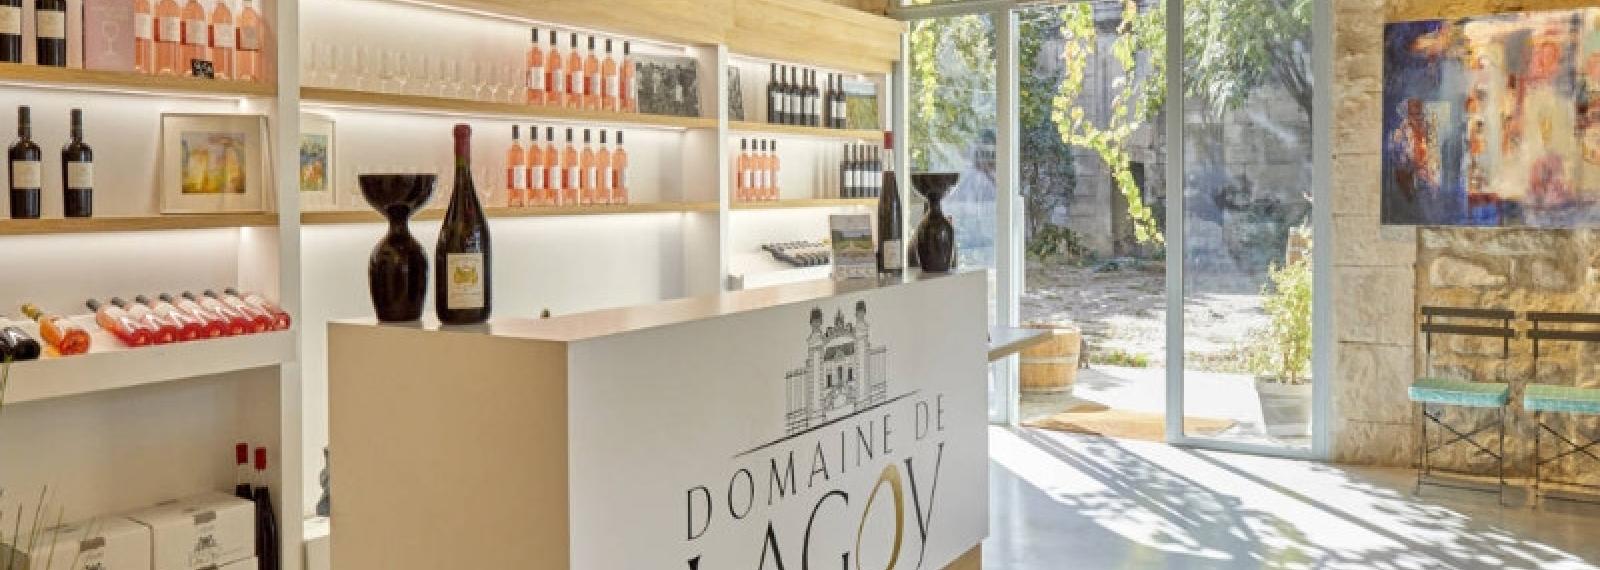 La boutique du Domaine de Lagoy